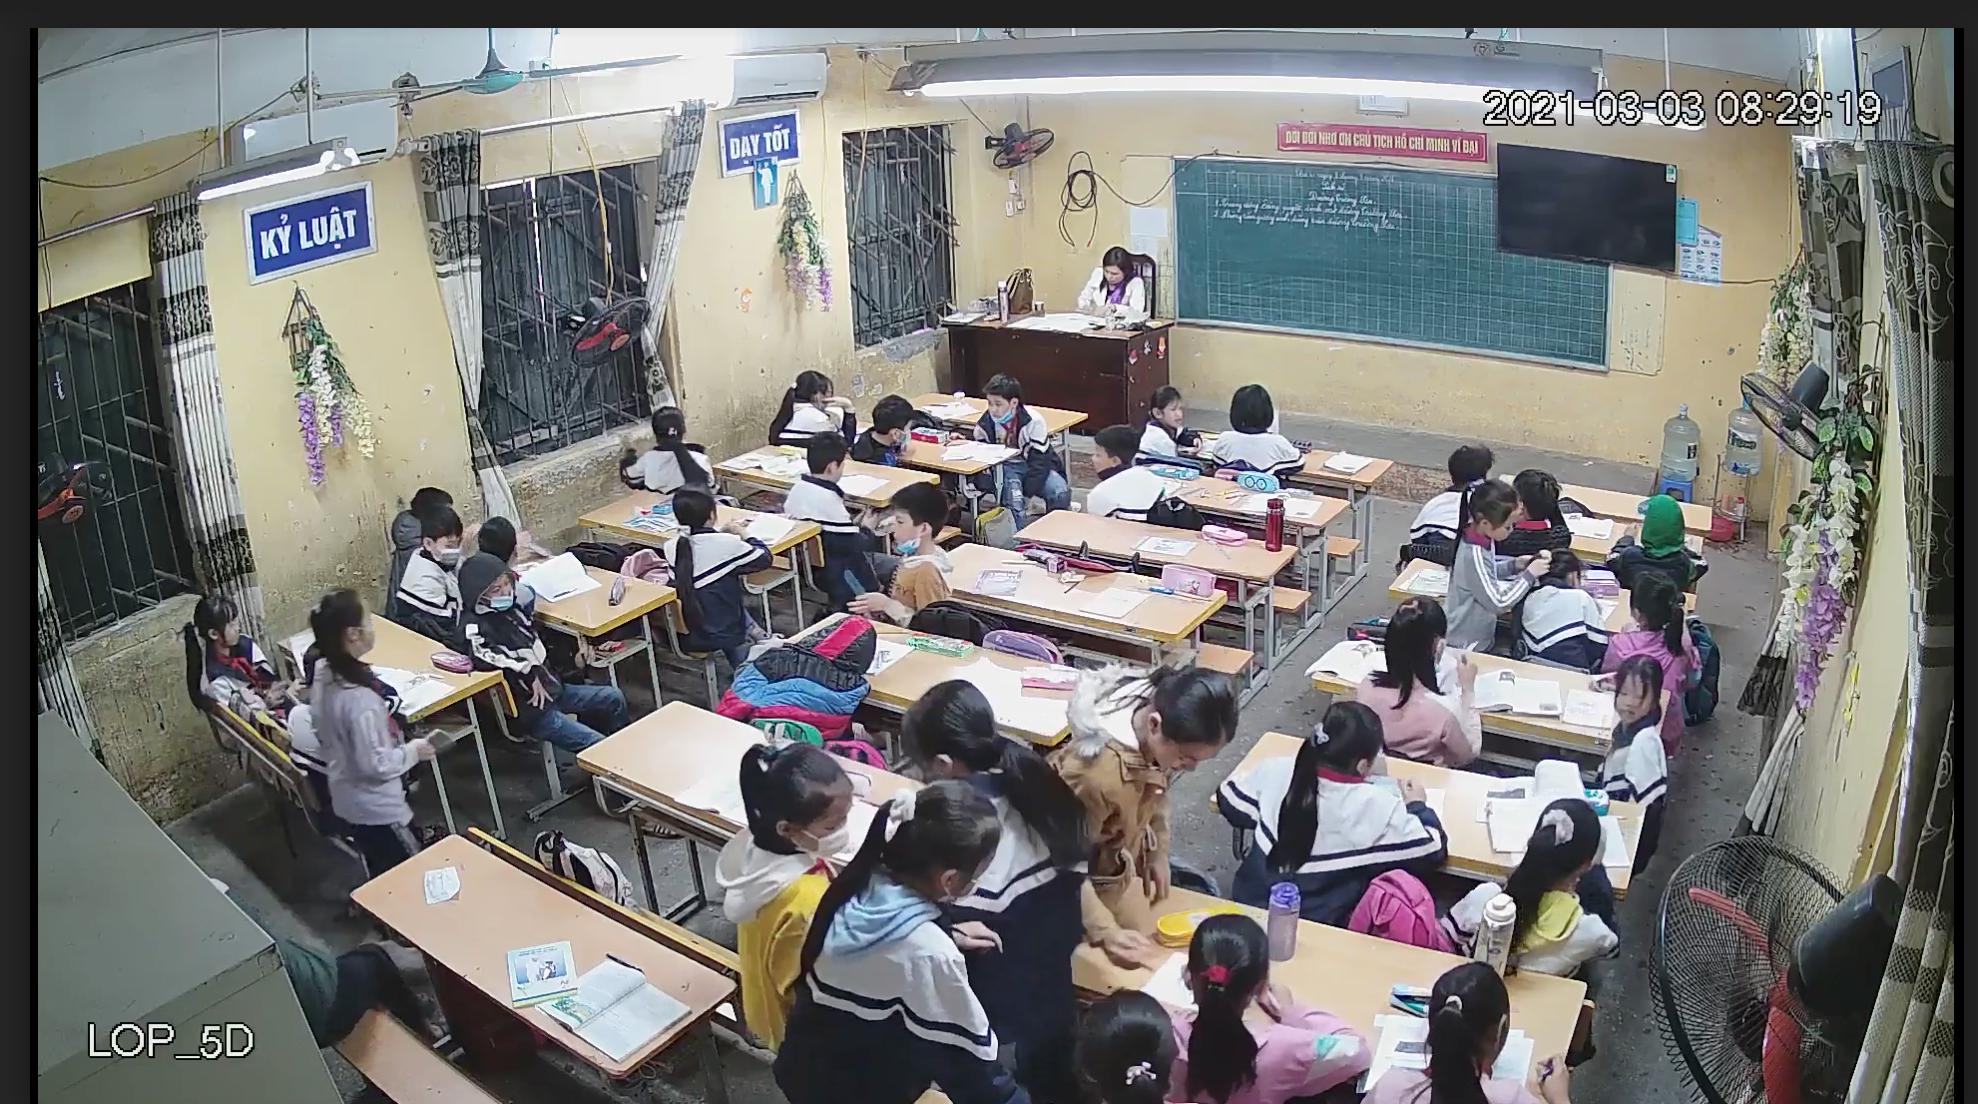 Vụ cô giáo bị trù dập vì tố tiêu cực: Lá đơn dài 13 trang, cô giáo nói gì? - 2